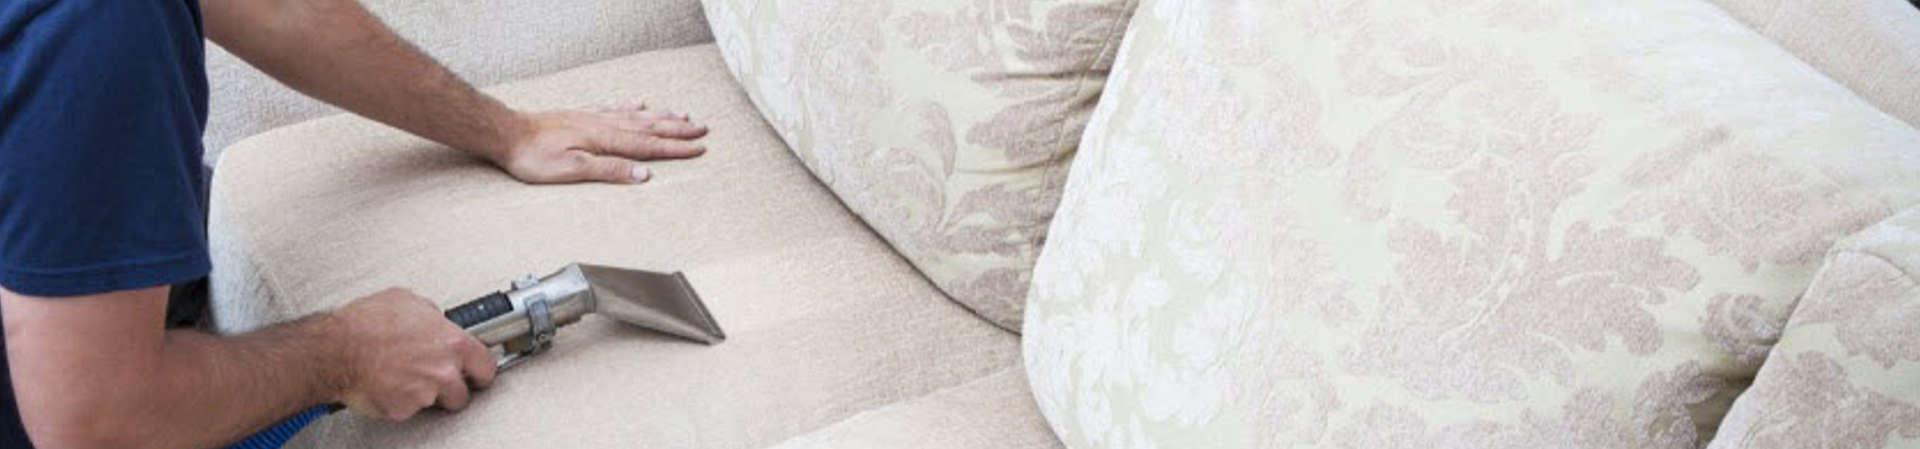 pulizia divani domicilio | prezzi | cronoshare - Pulire Divani Con Vapore